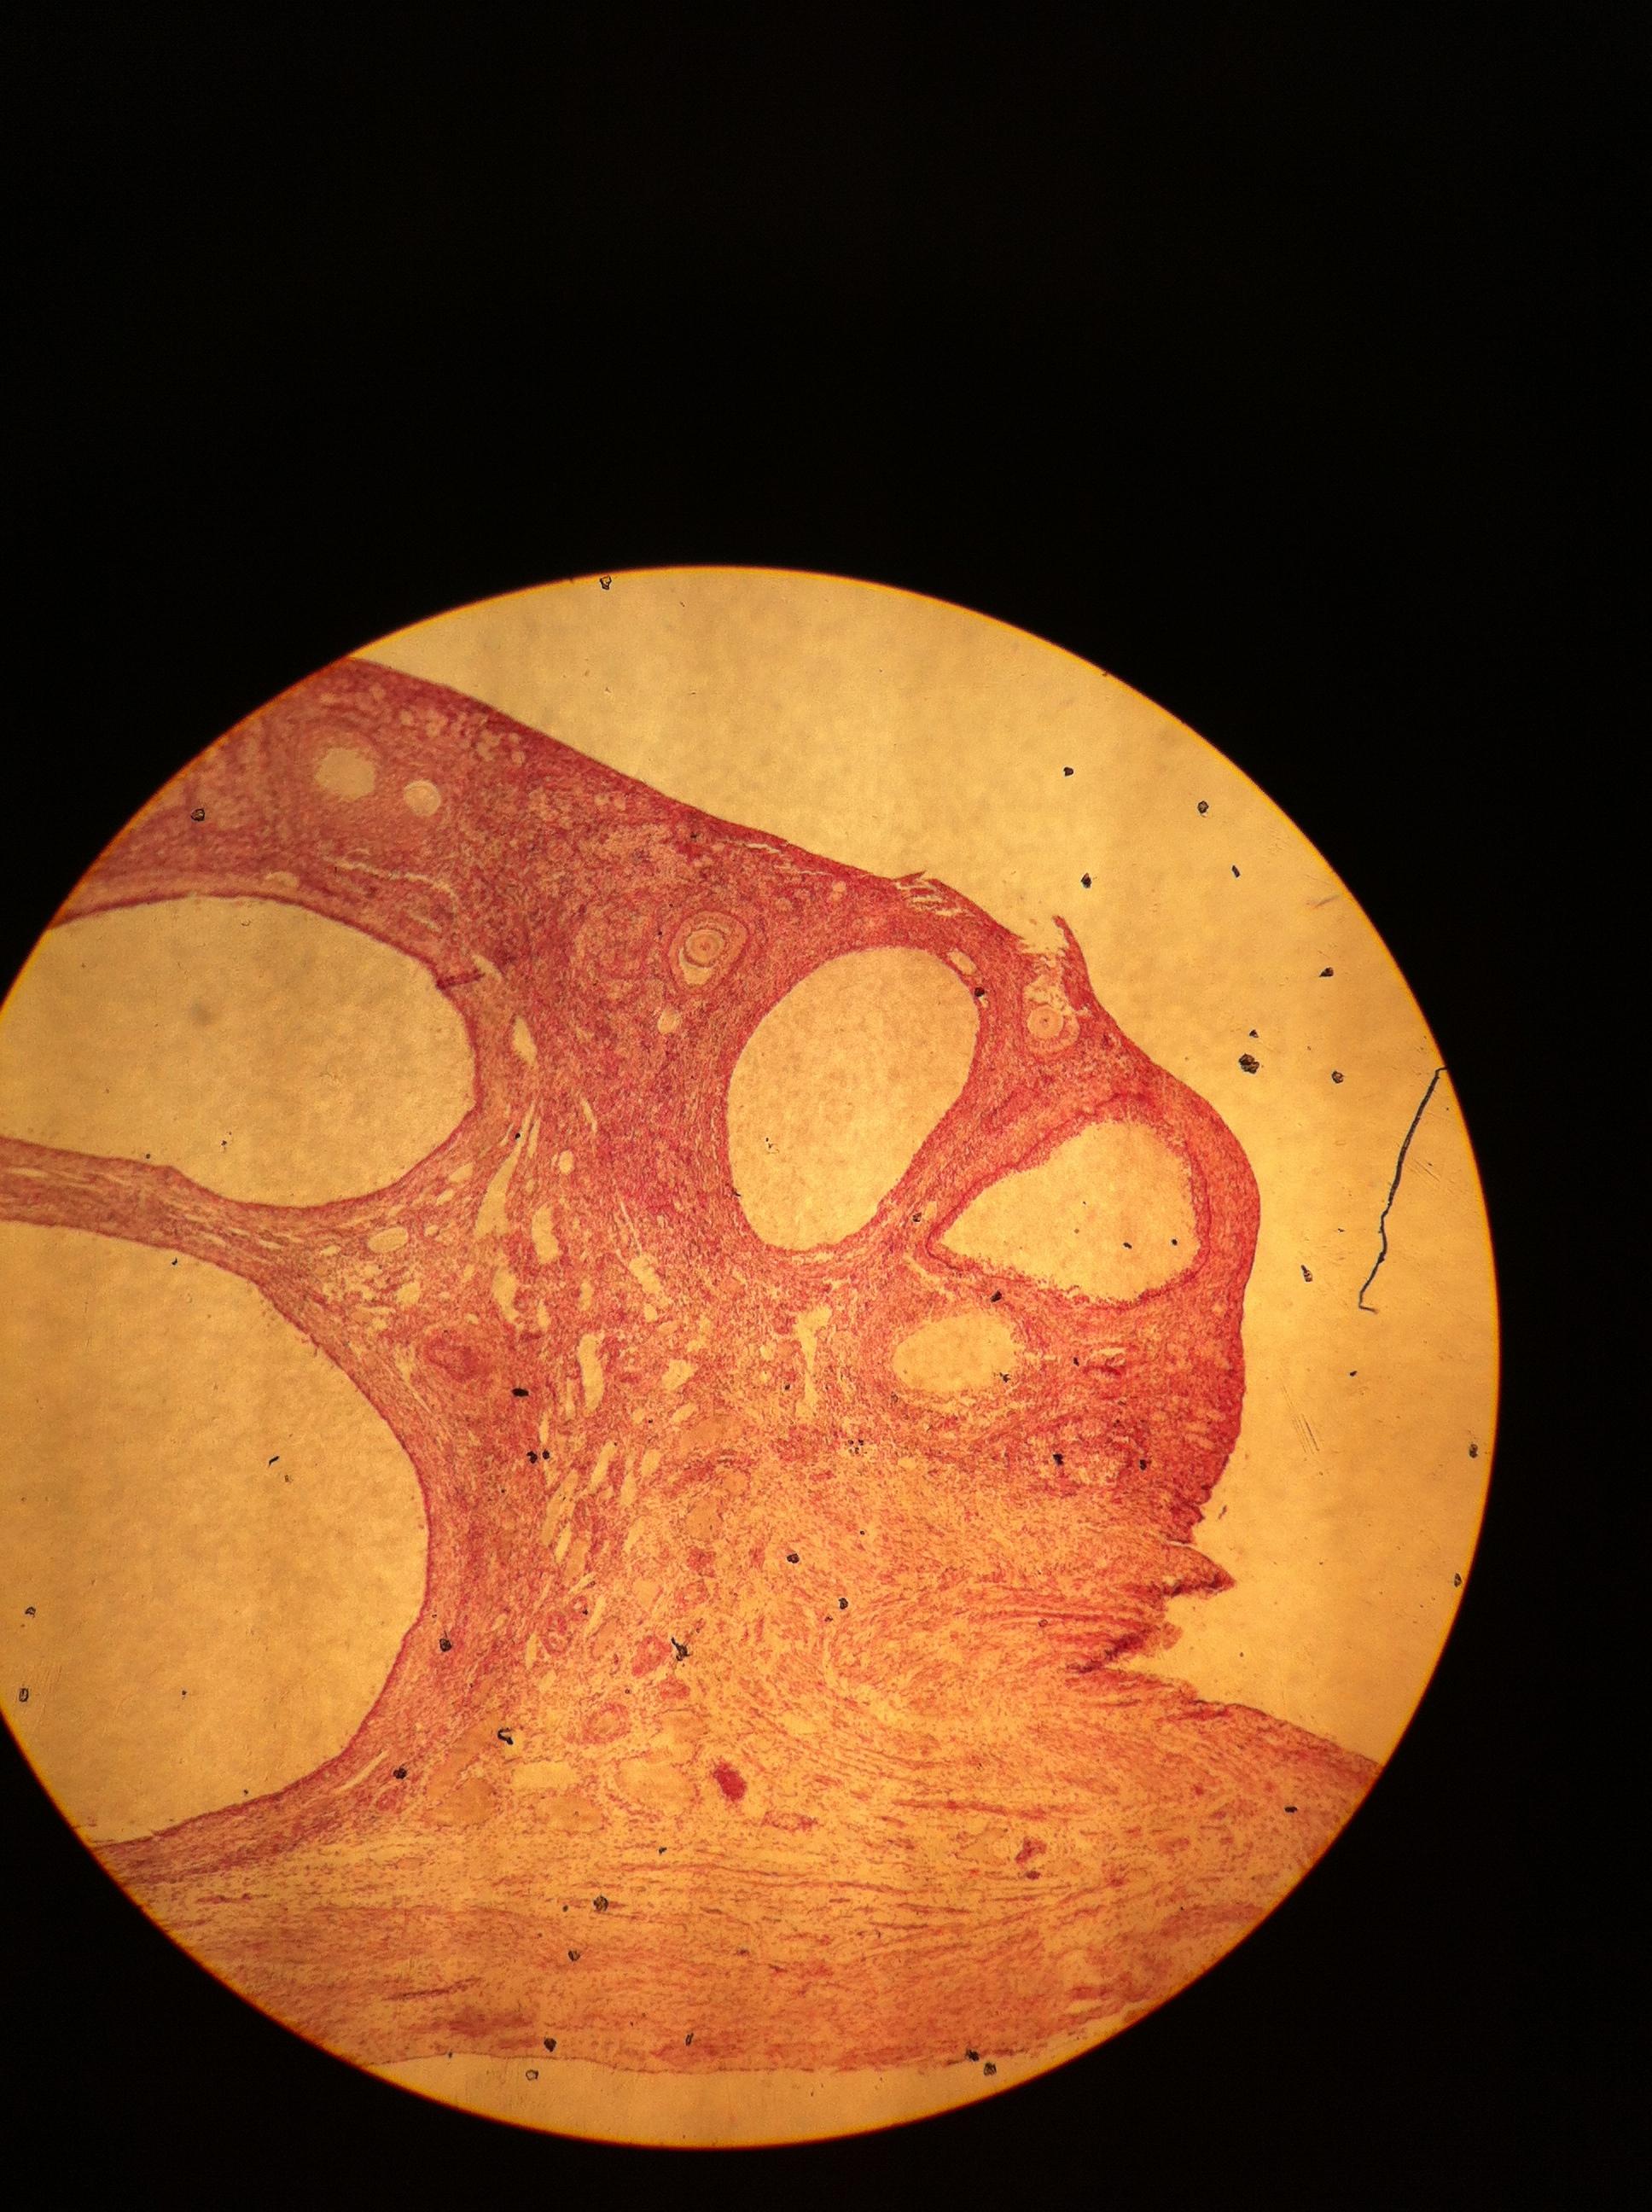 Ovary 40X